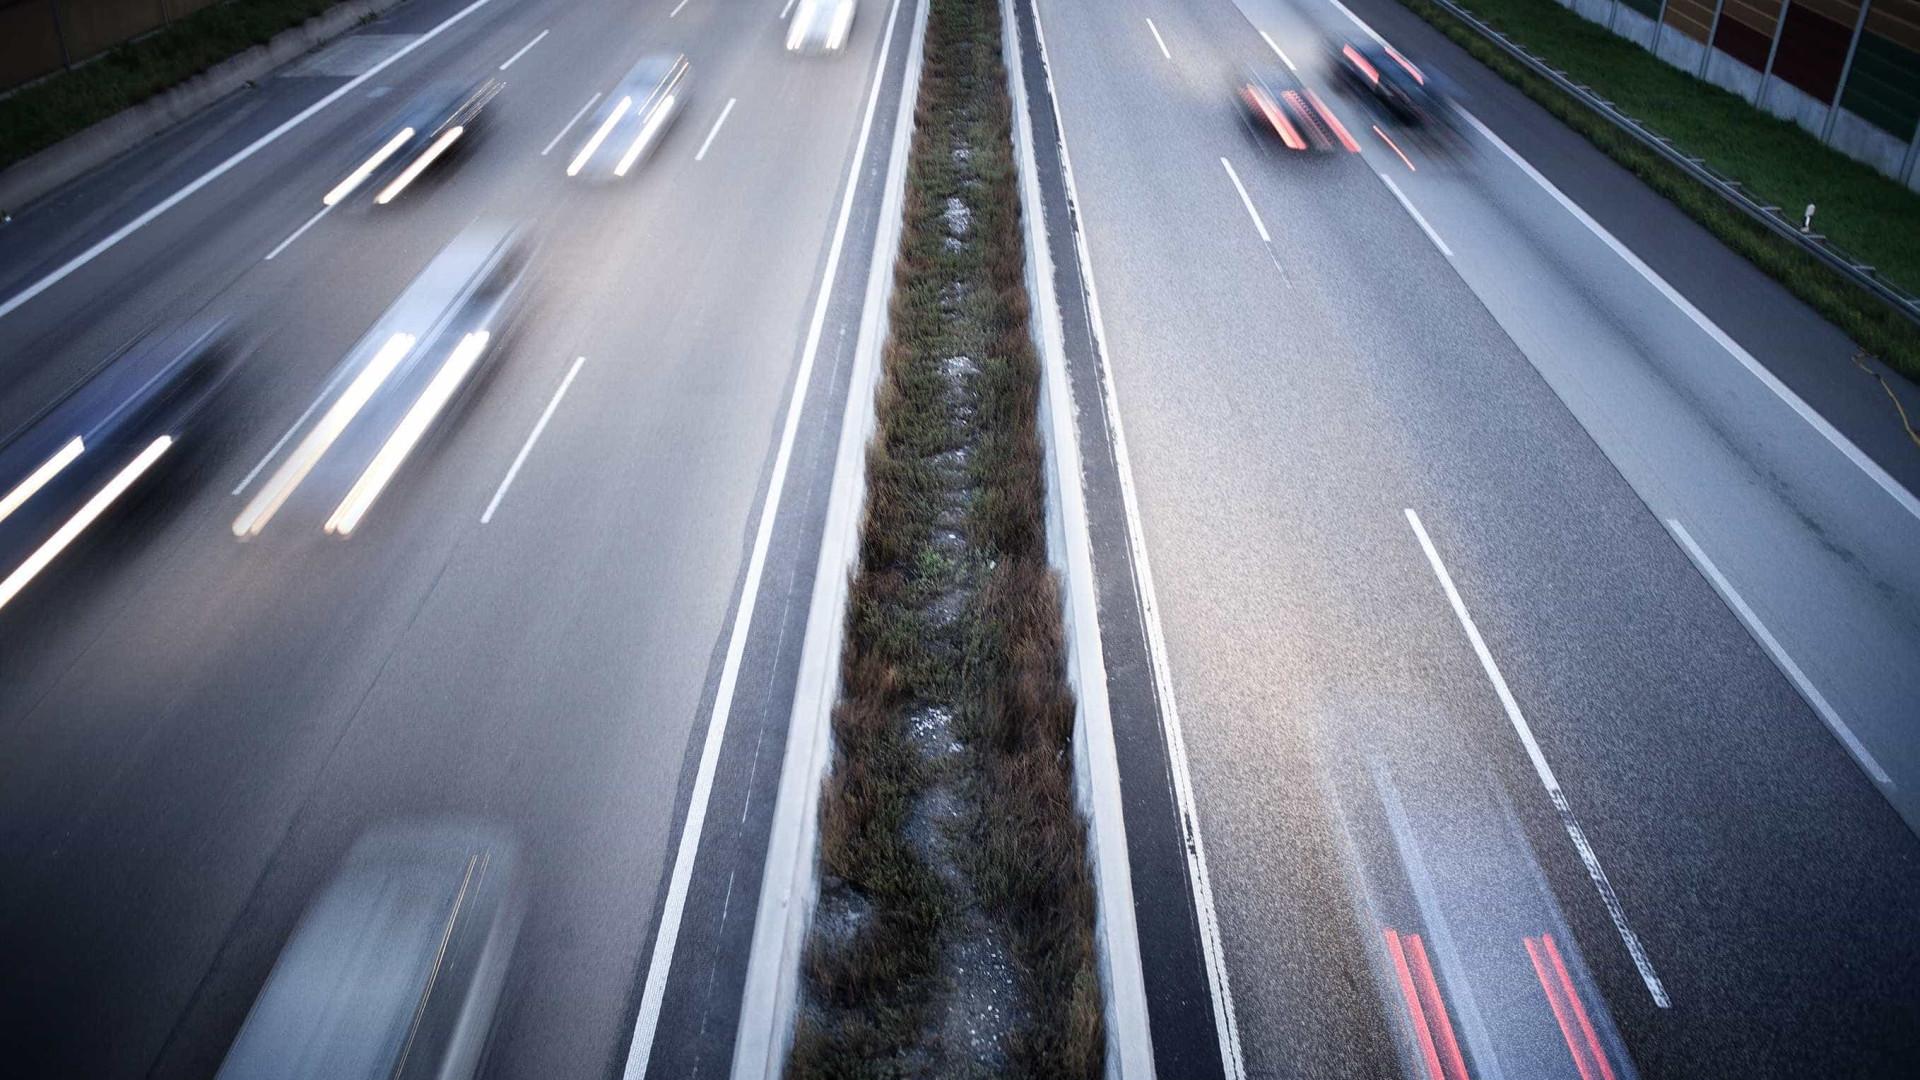 Pavimento que aproveita energia de carros é vencedor do Big Smart Cities